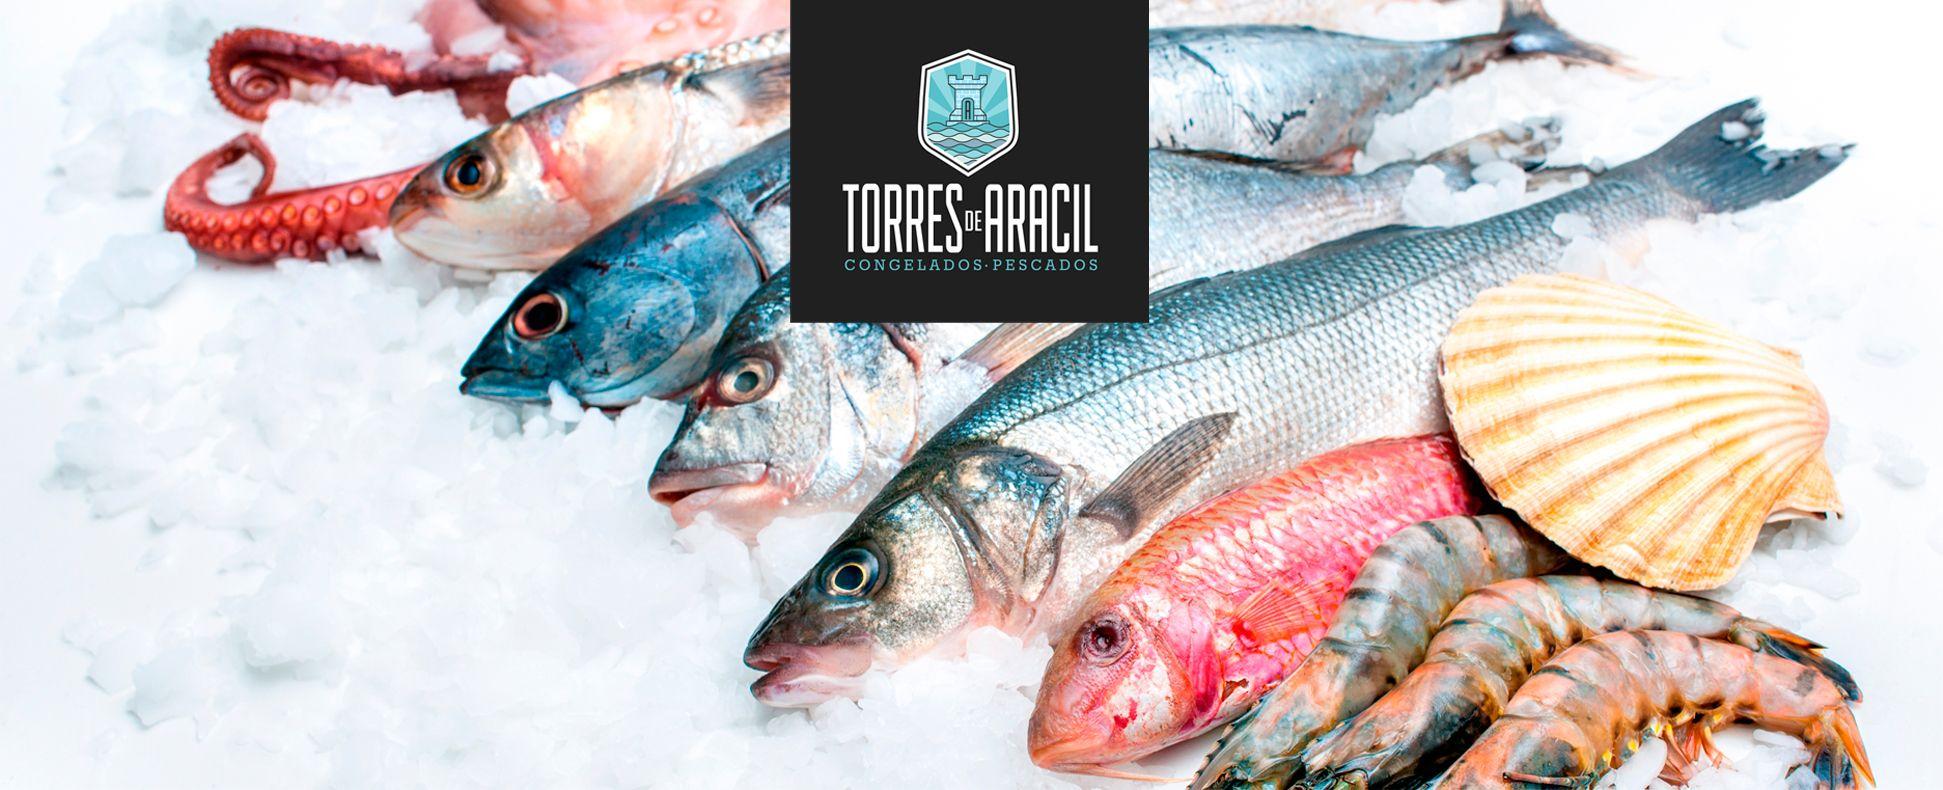 pescados mariscos congelados alimentacion